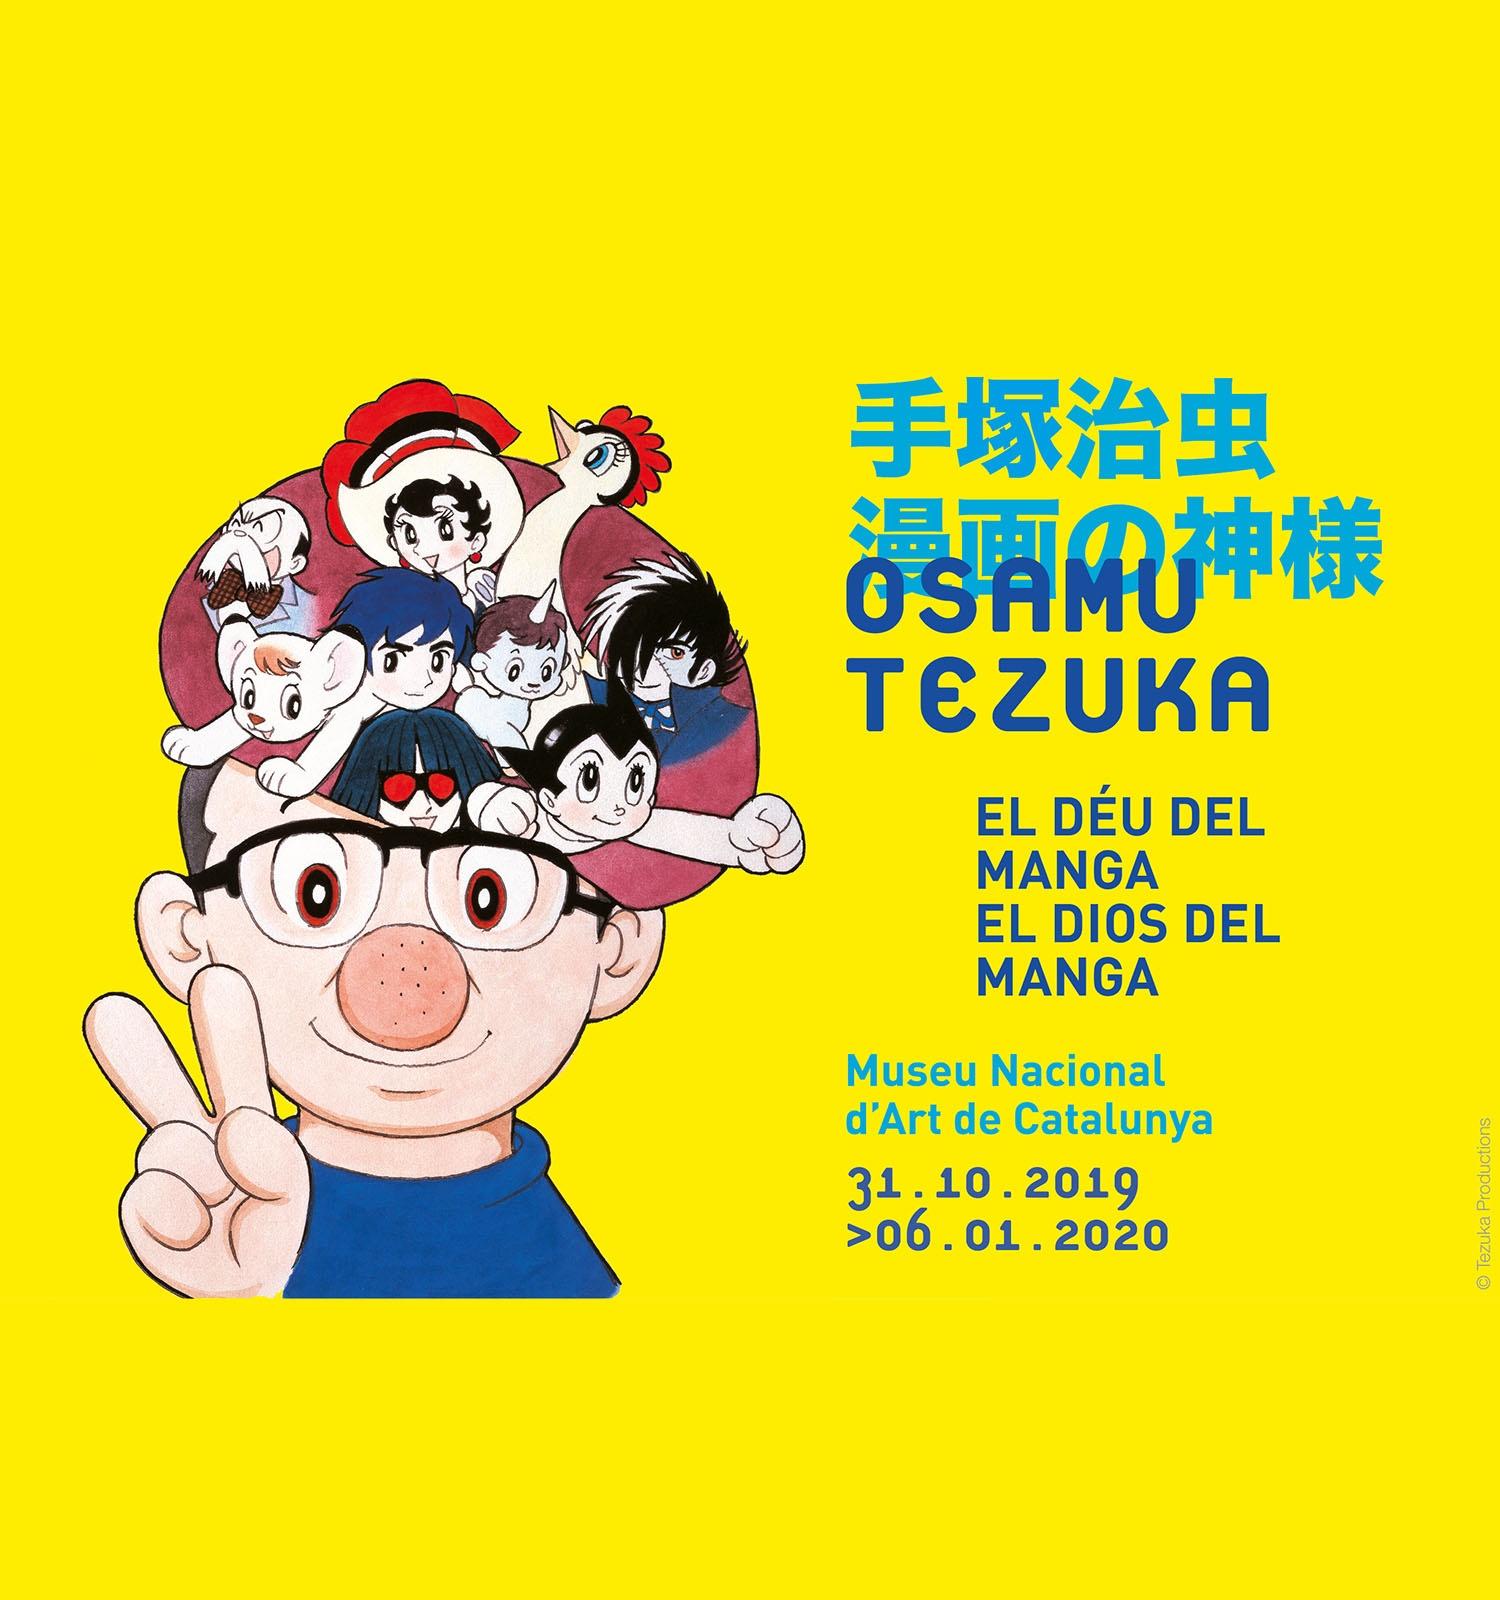 Cartell de l'exposició. © Tezuka Productions